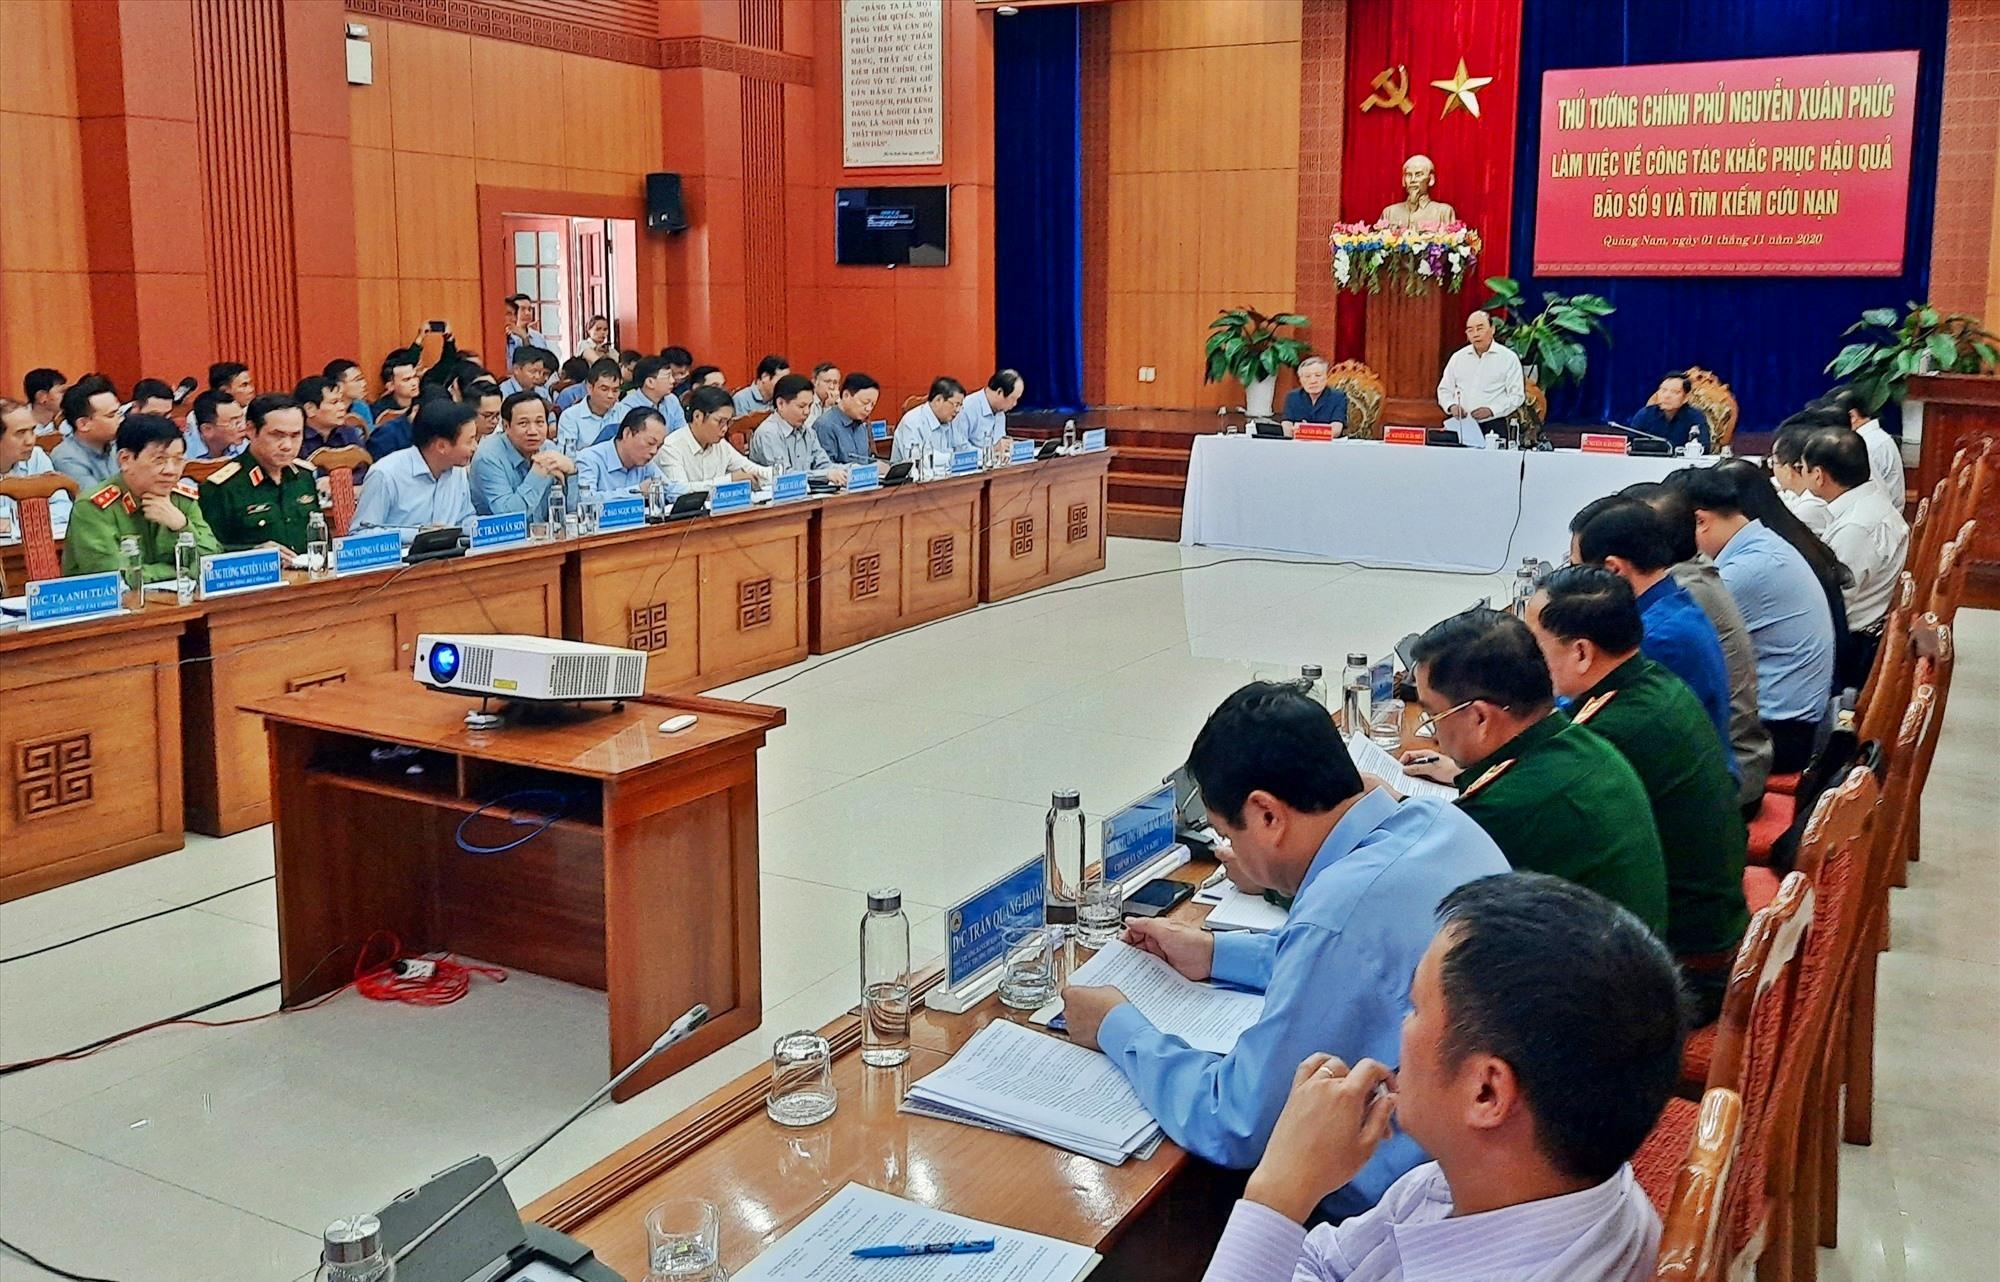 Thủ tướng yêu cầu cuộc họp sẽ tập trung bàn giải pháp hỗ trợ miền Trung khắc phục hậu quả thiên tai. Ảnh: Đ.N